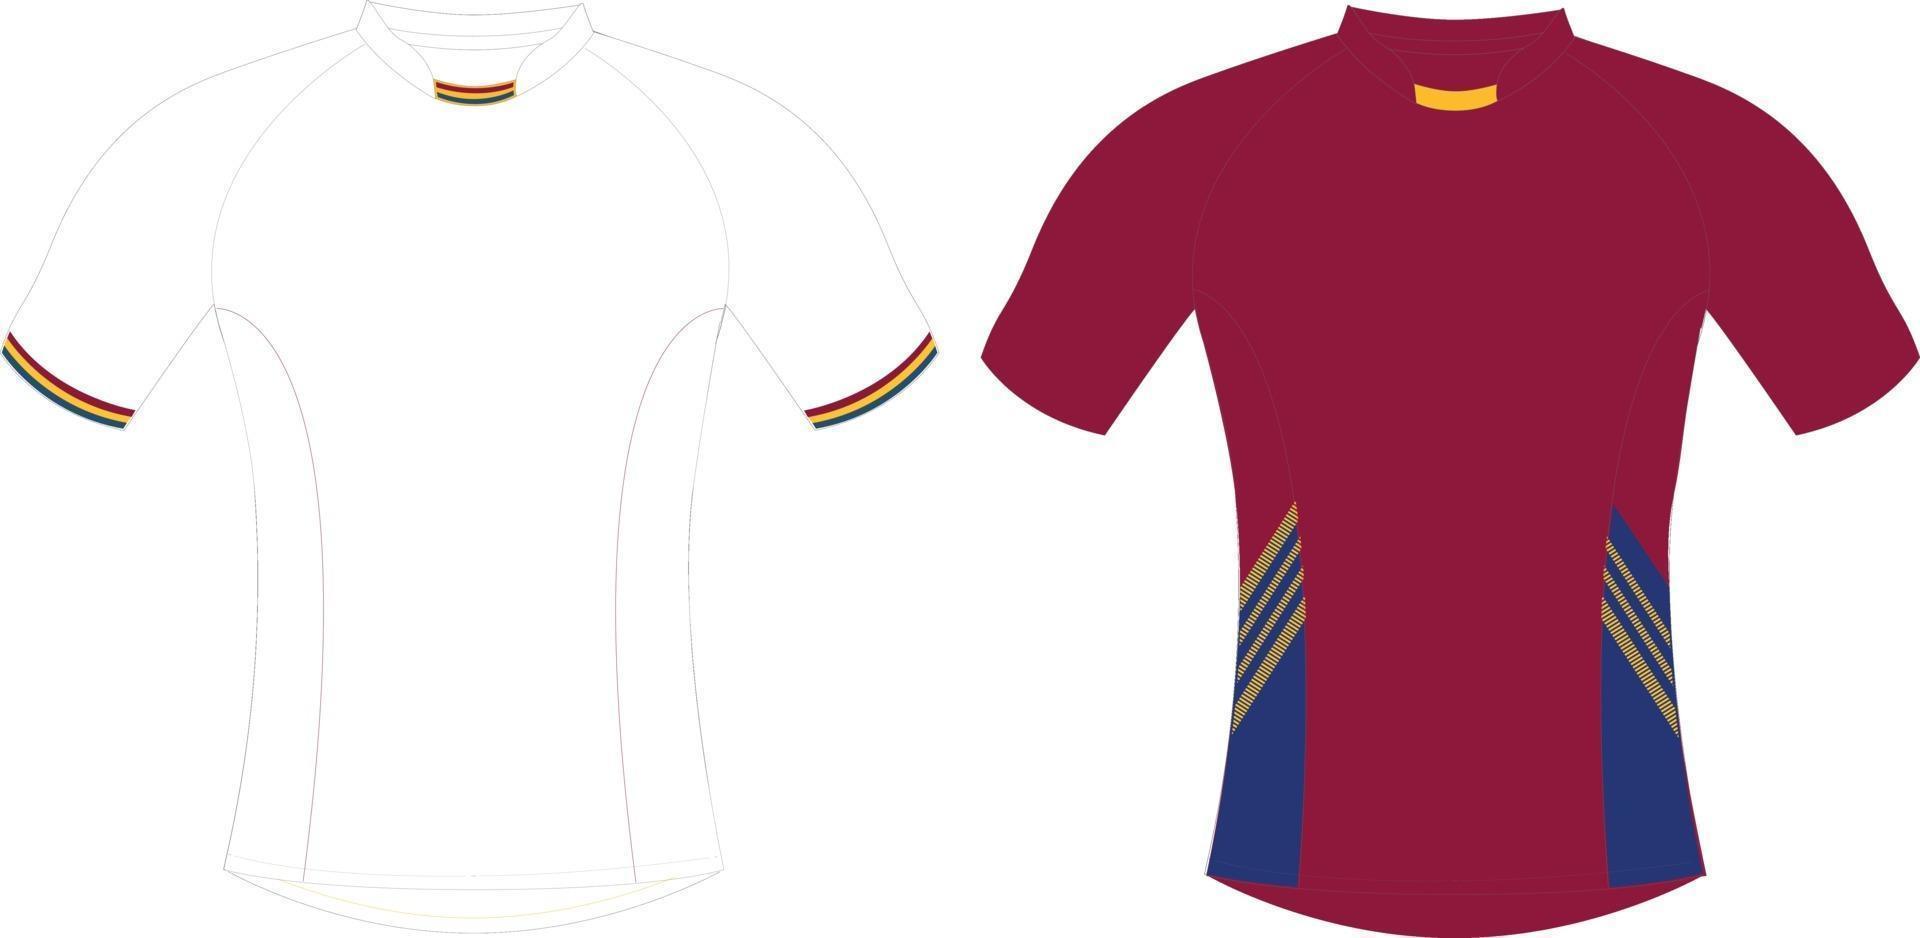 maquettes de maillots de football vecteur